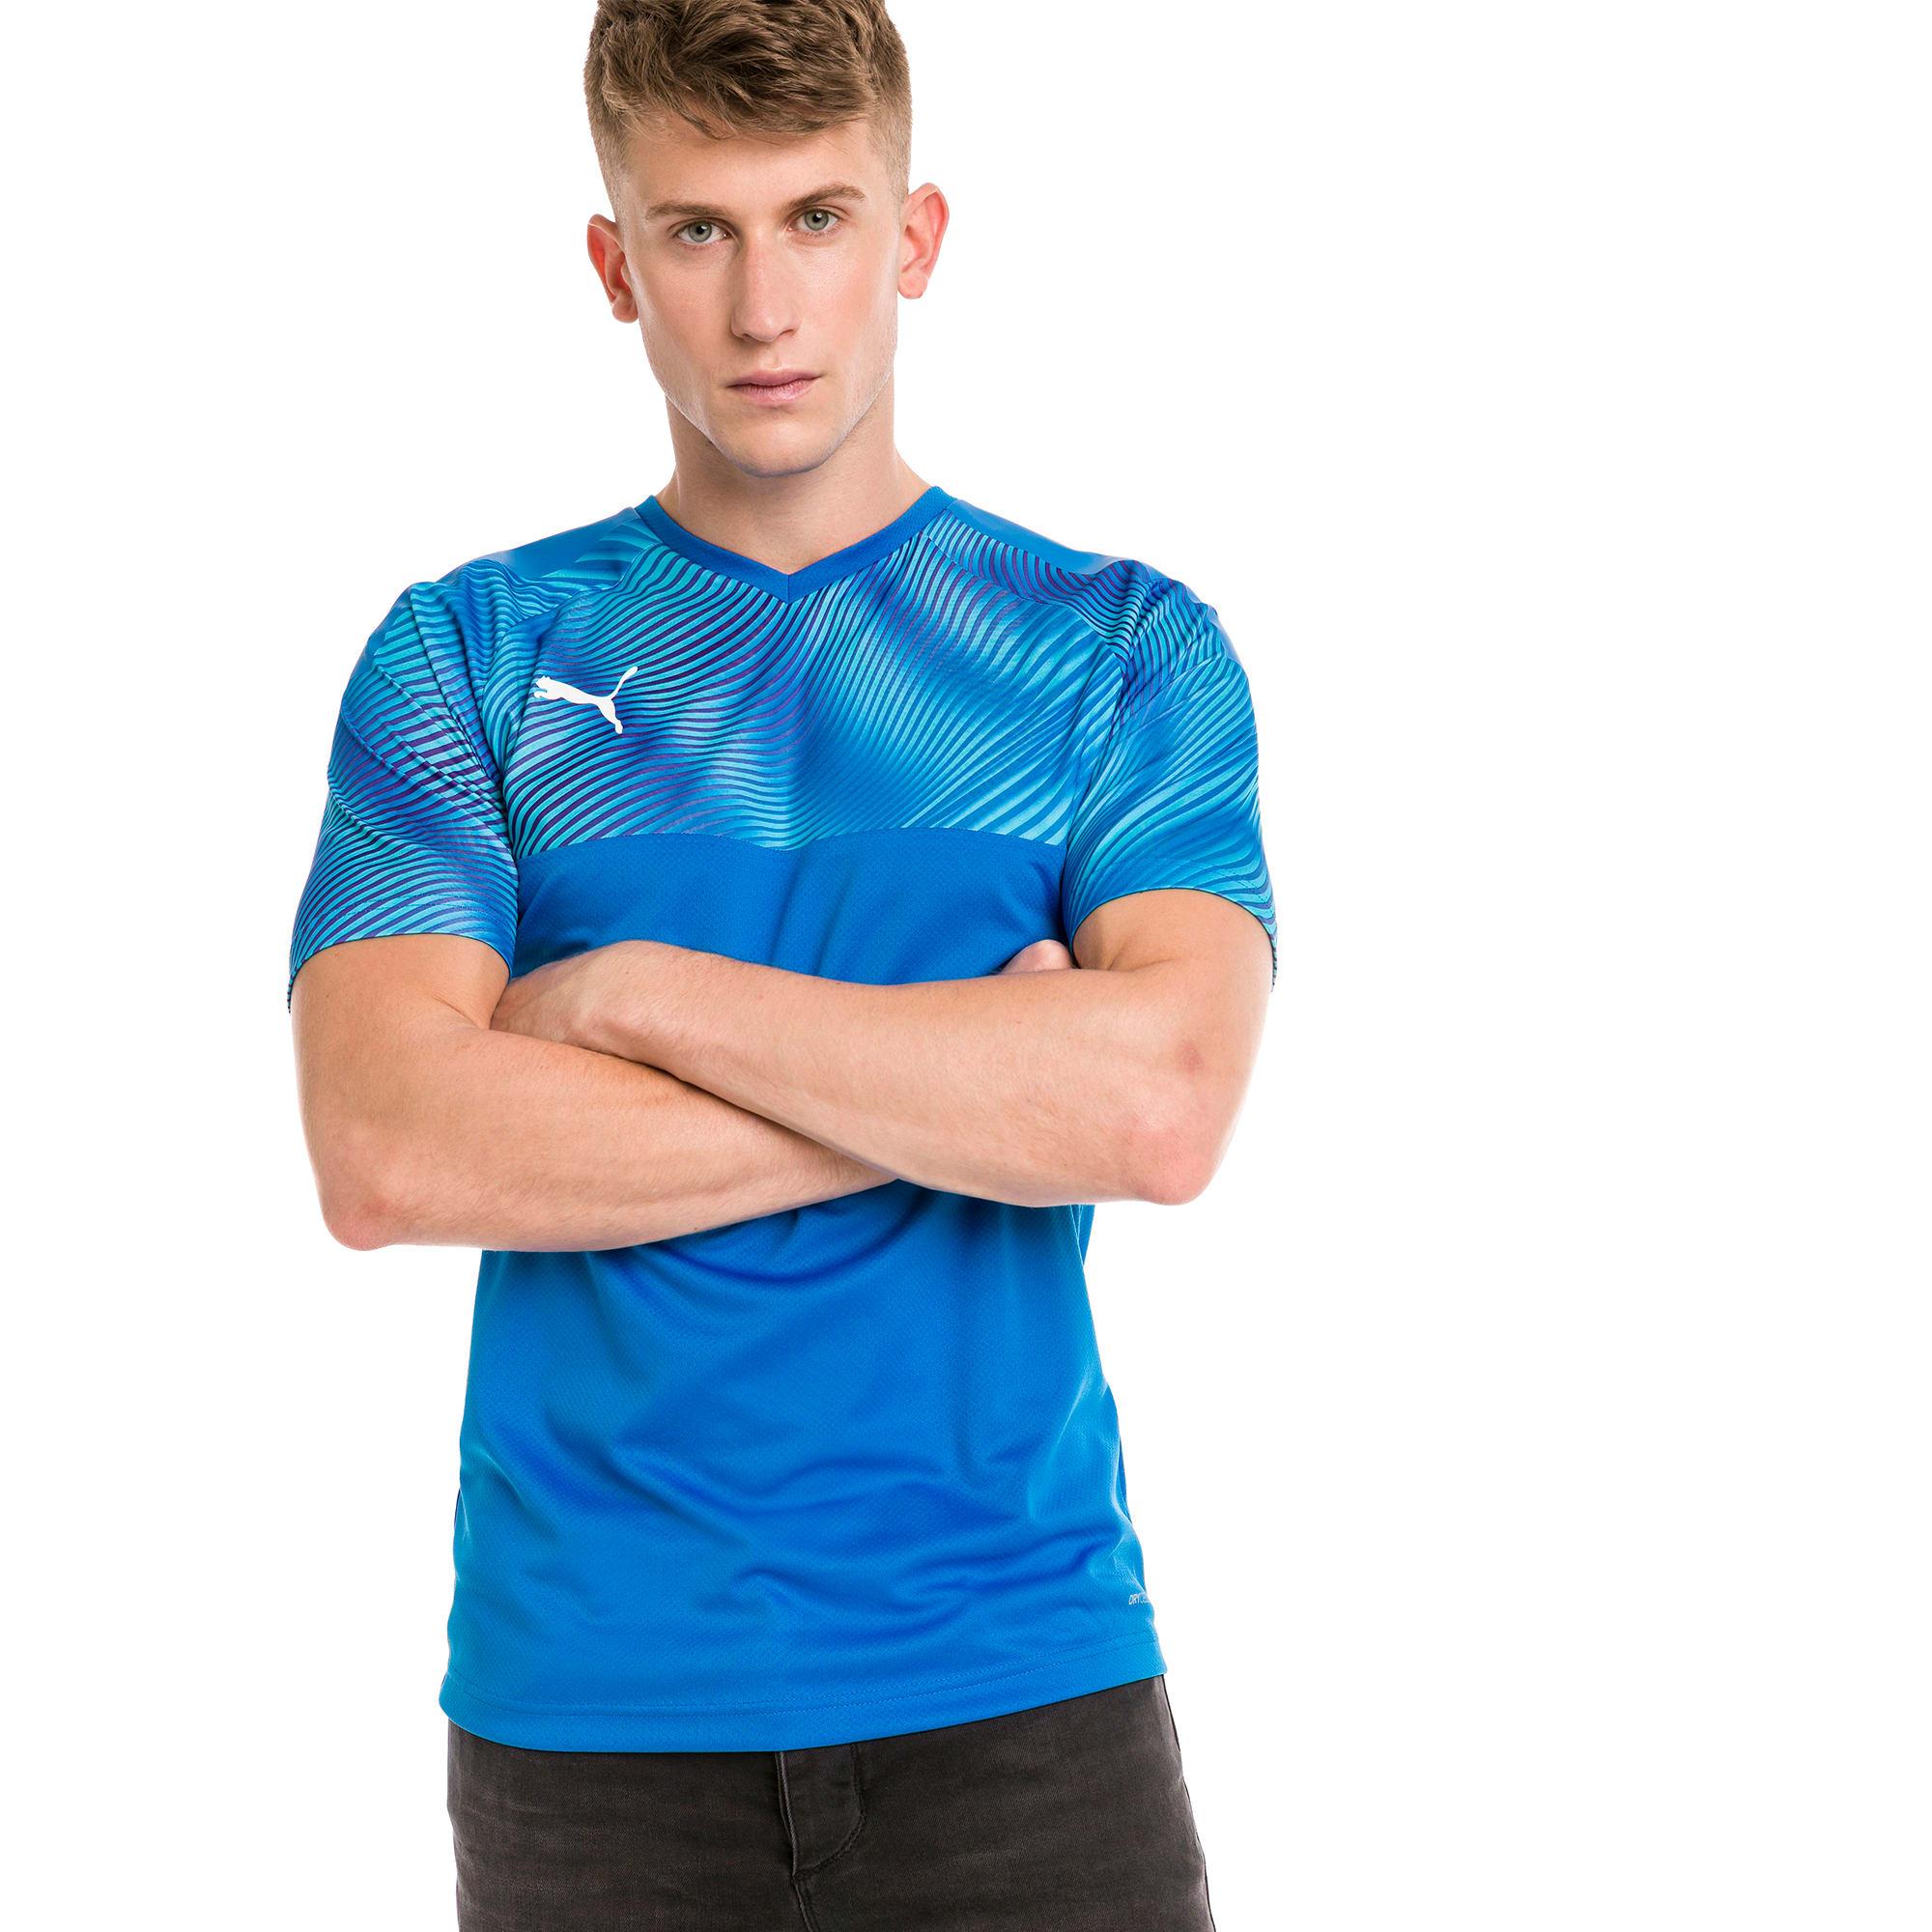 PUMA Maillot Football CUP pour Homme, Bleu, Taille 5XL, Vêtements